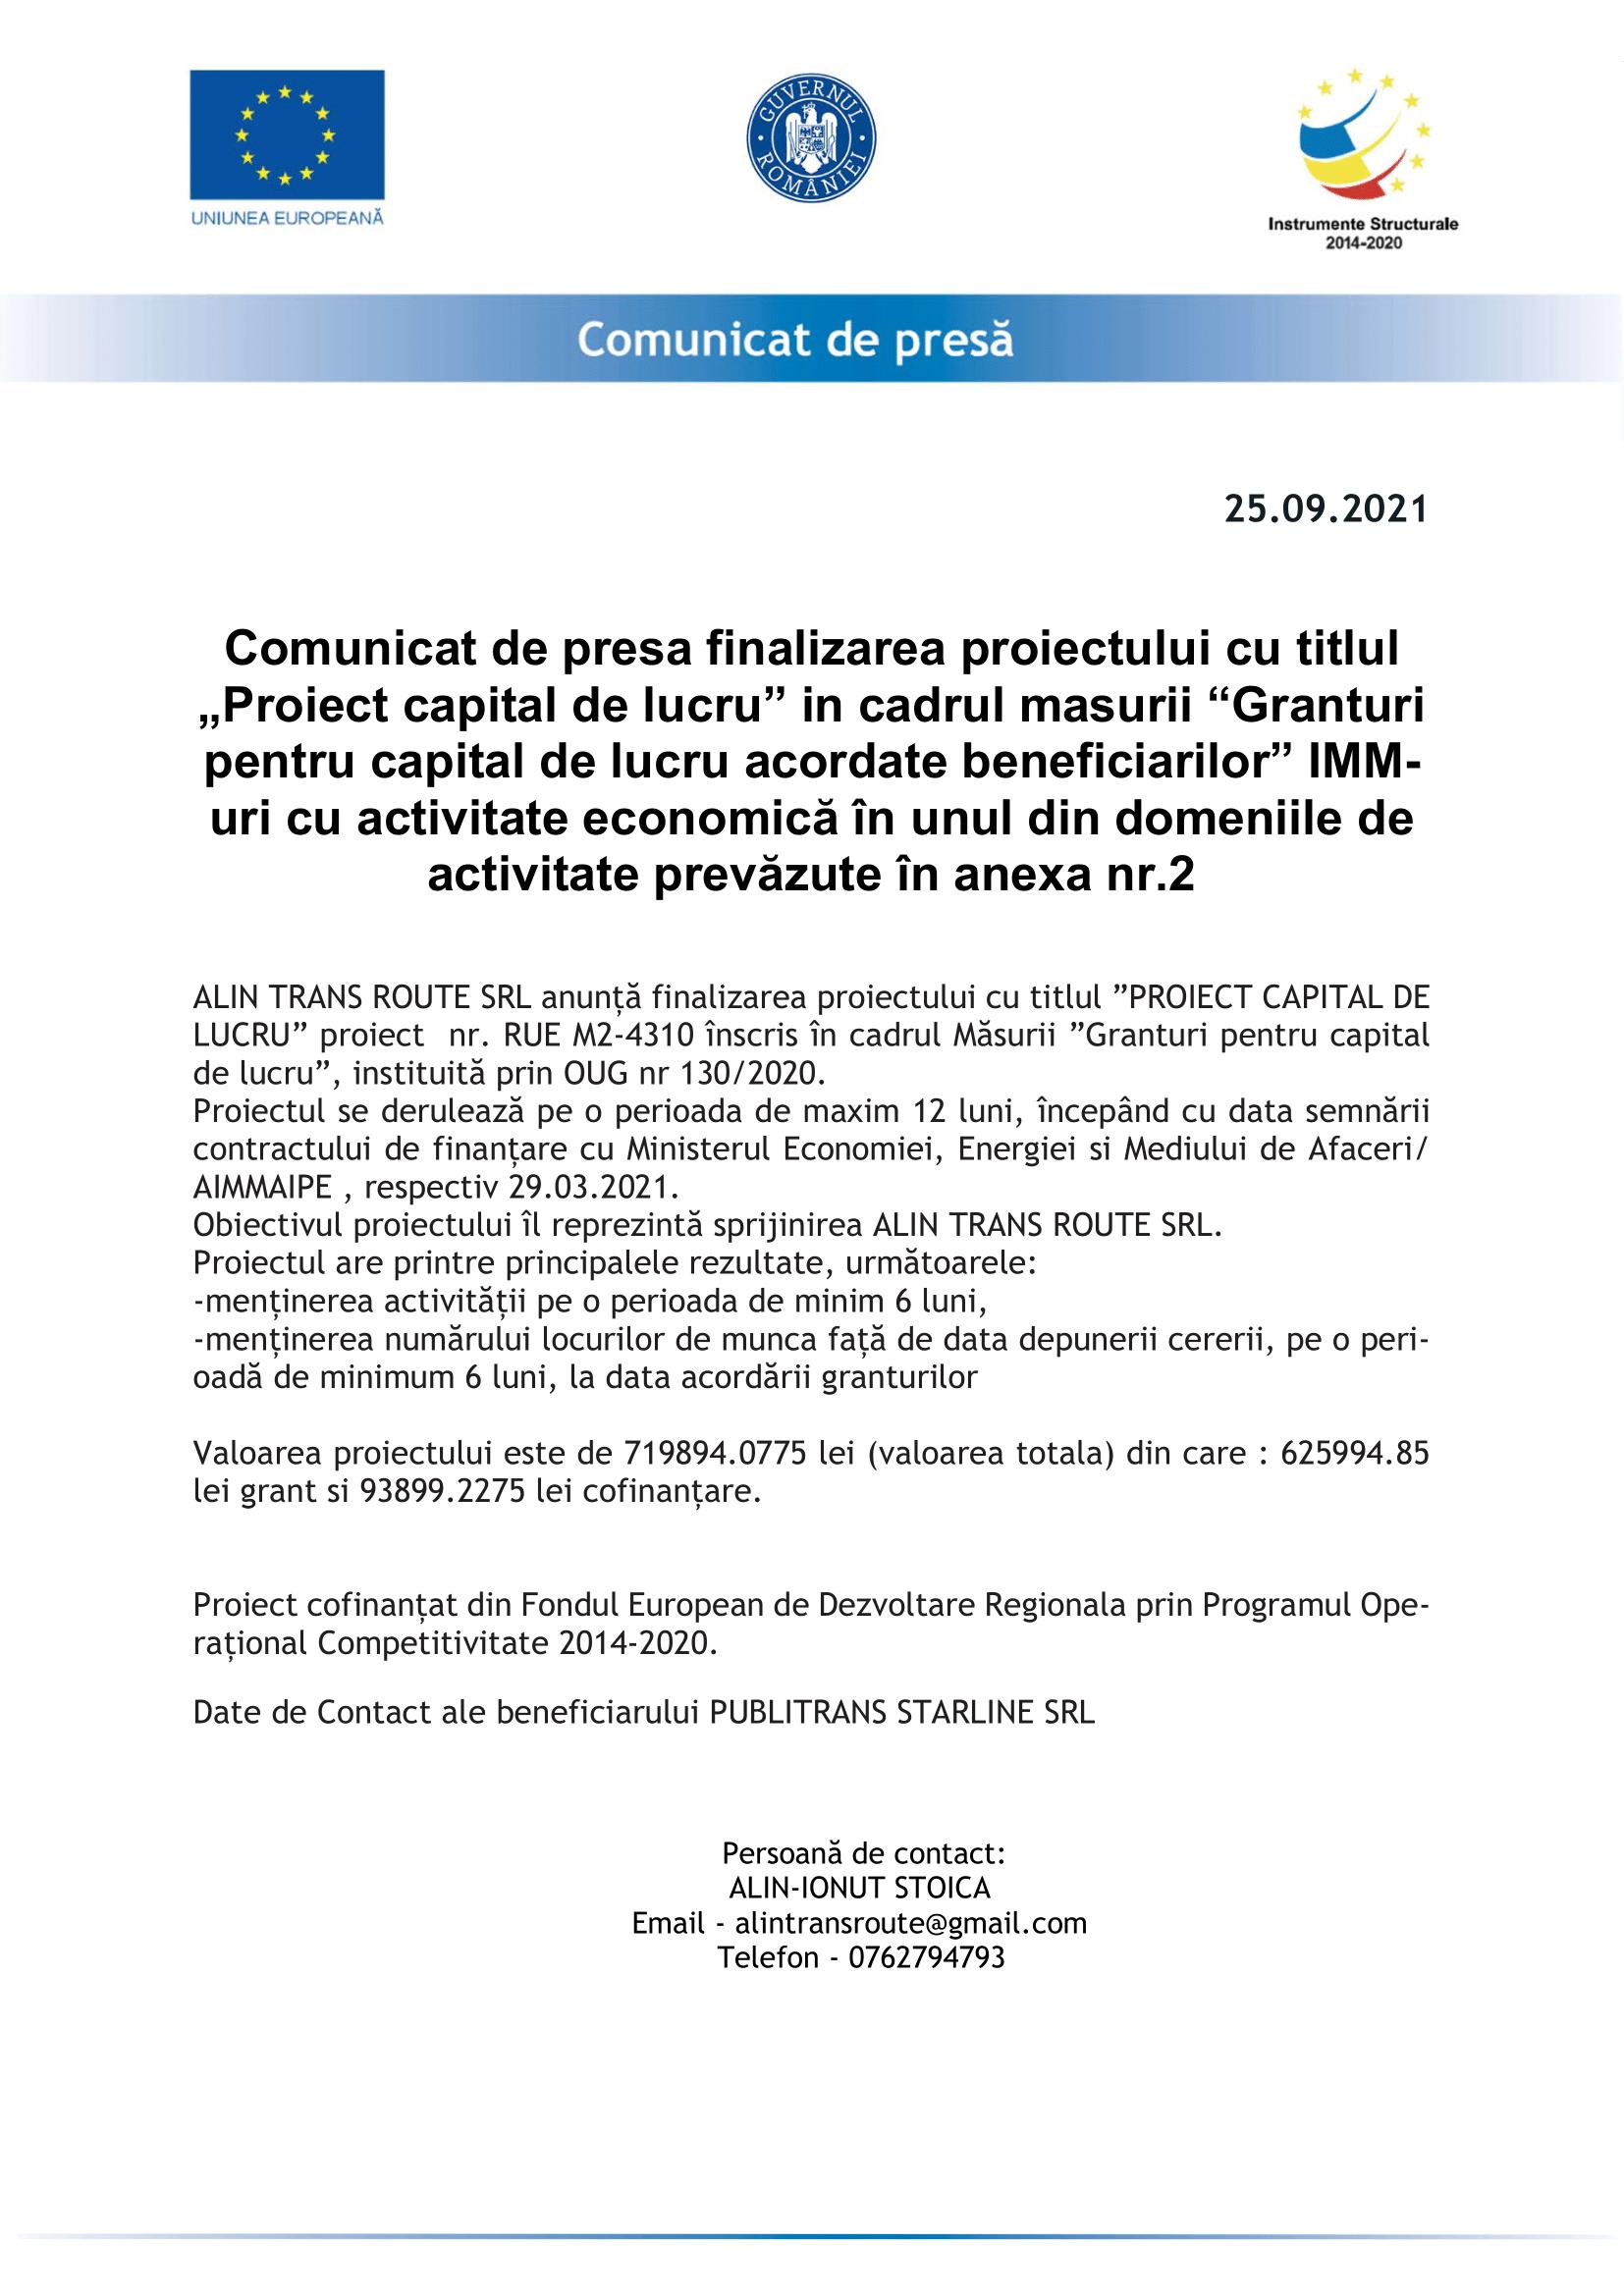 MODEL-Comunicat_de_Presa_benef-finali - FINALIZARE-ALIN TRANS ROUTE